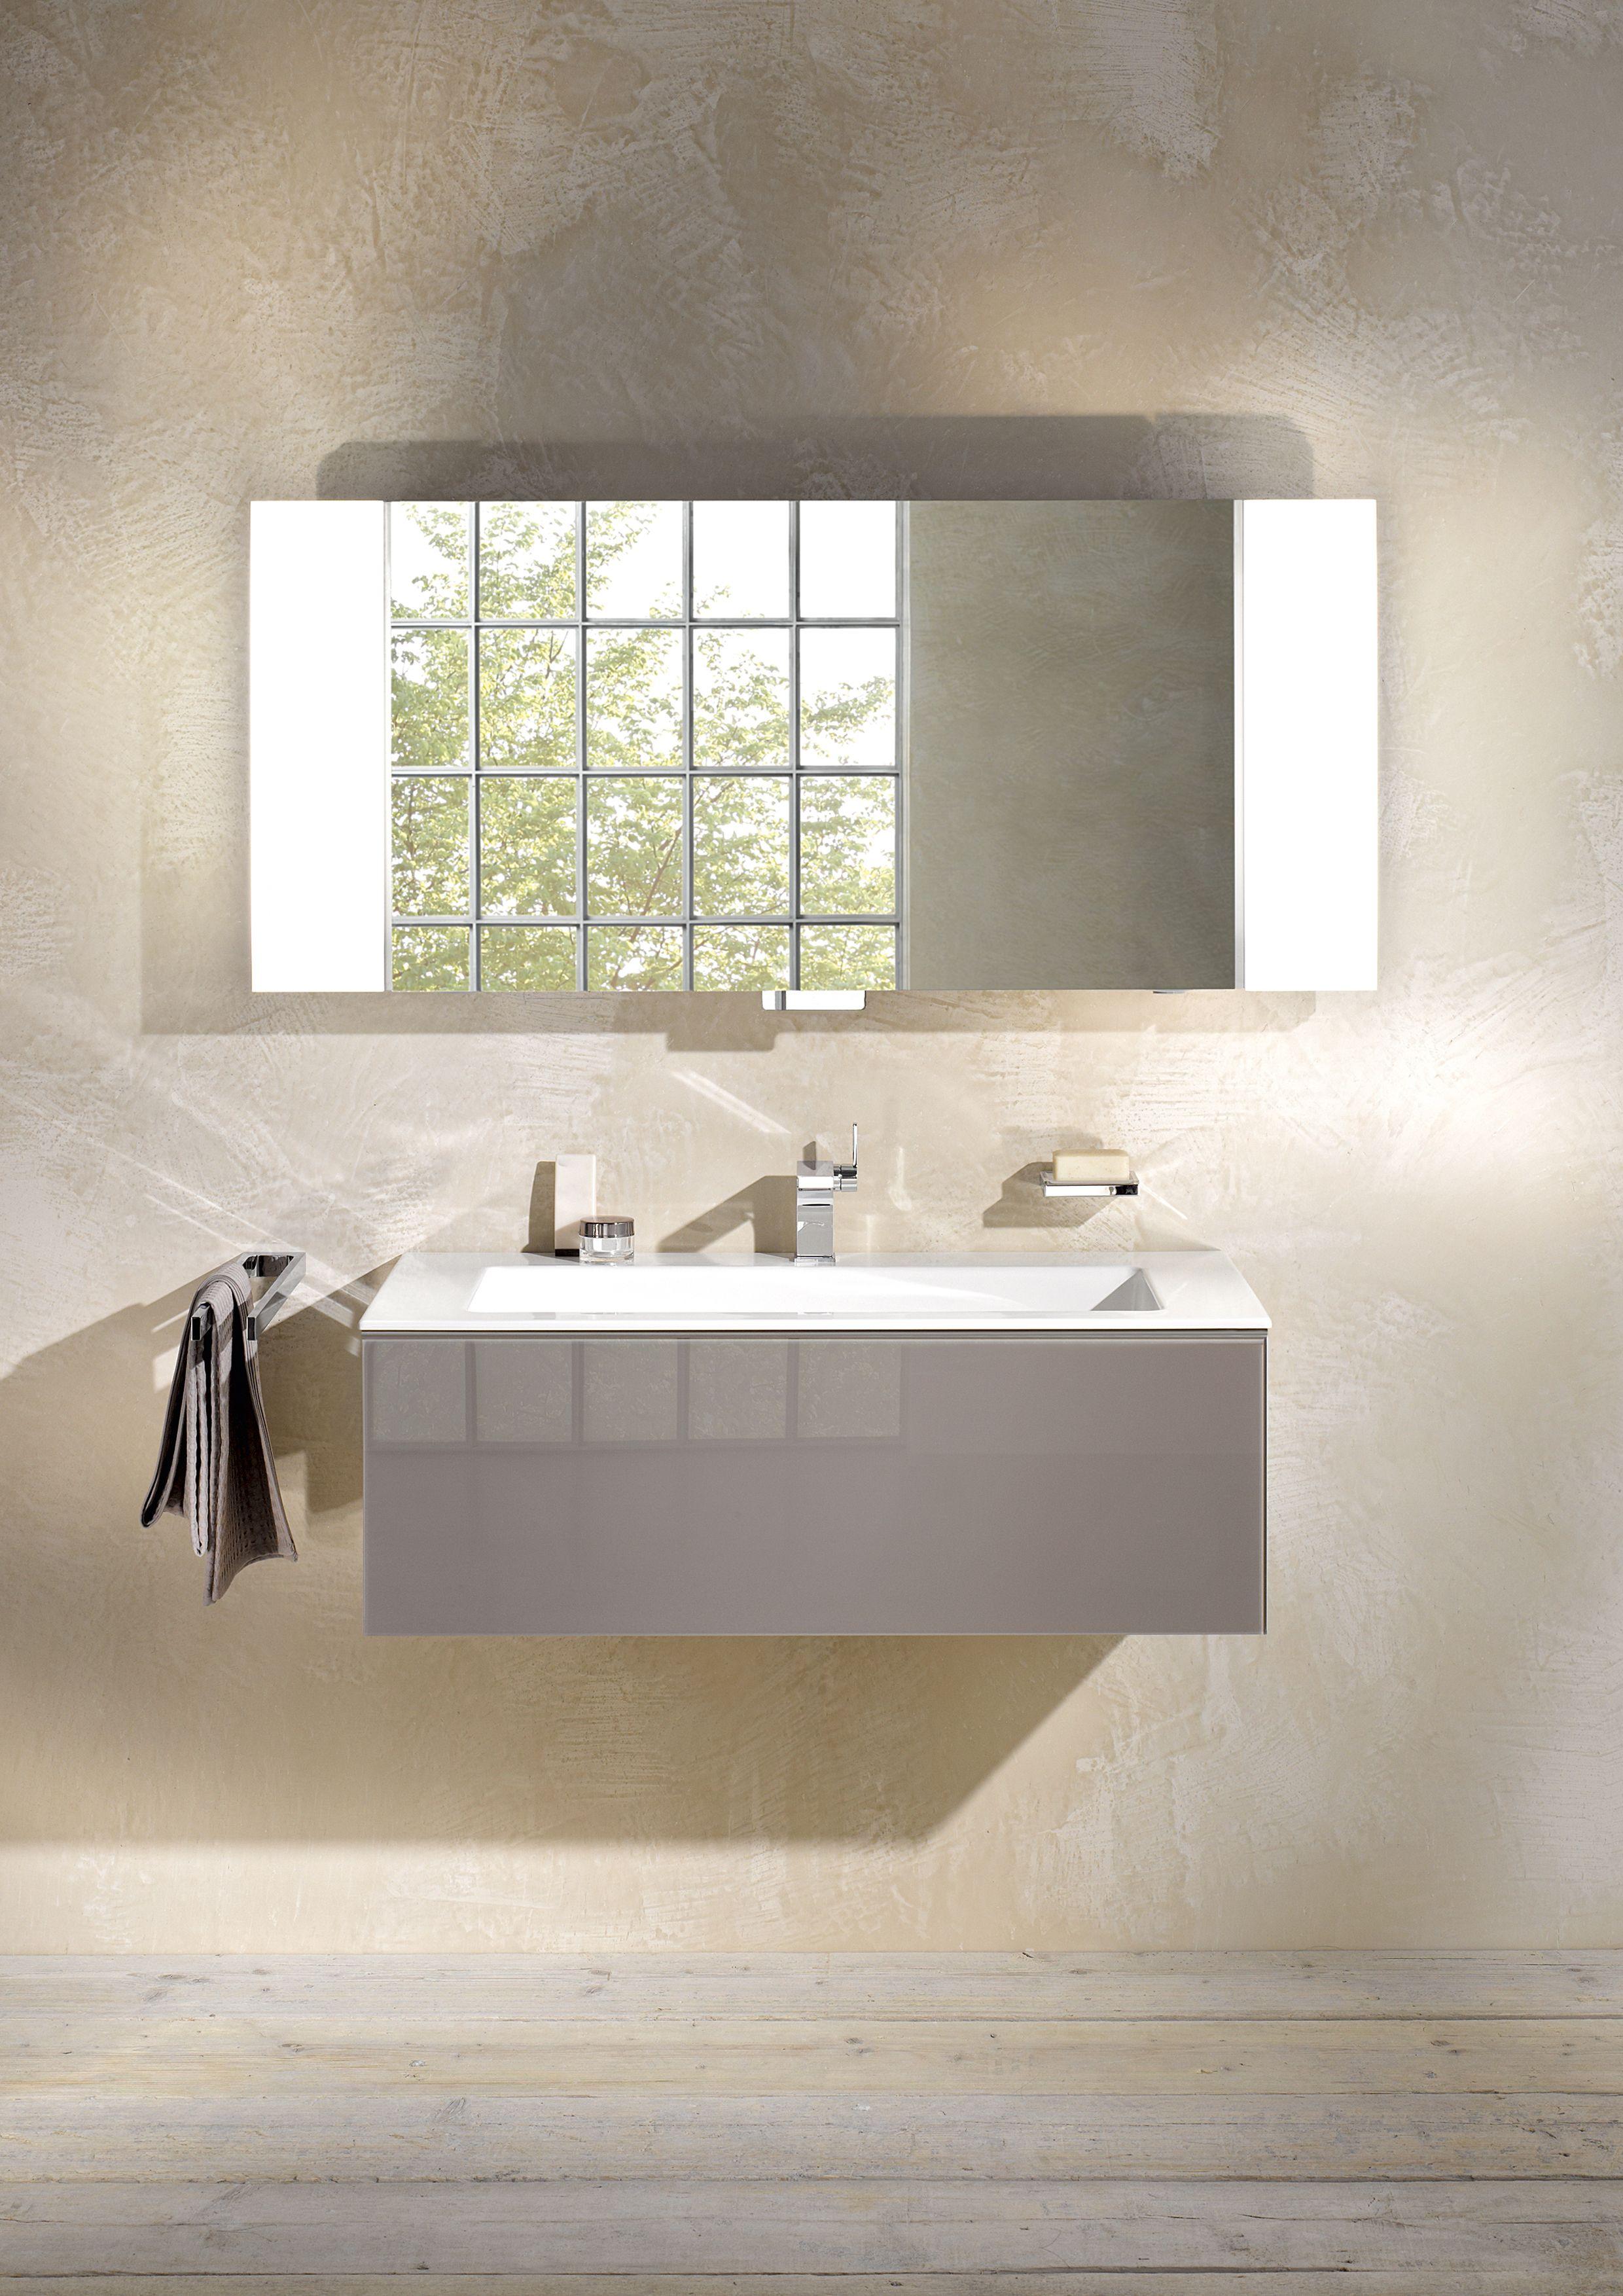 Edition 11 Bathroom Architecture Keuco Design Modernes Badezimmer Badezimmer Badezimmerideen